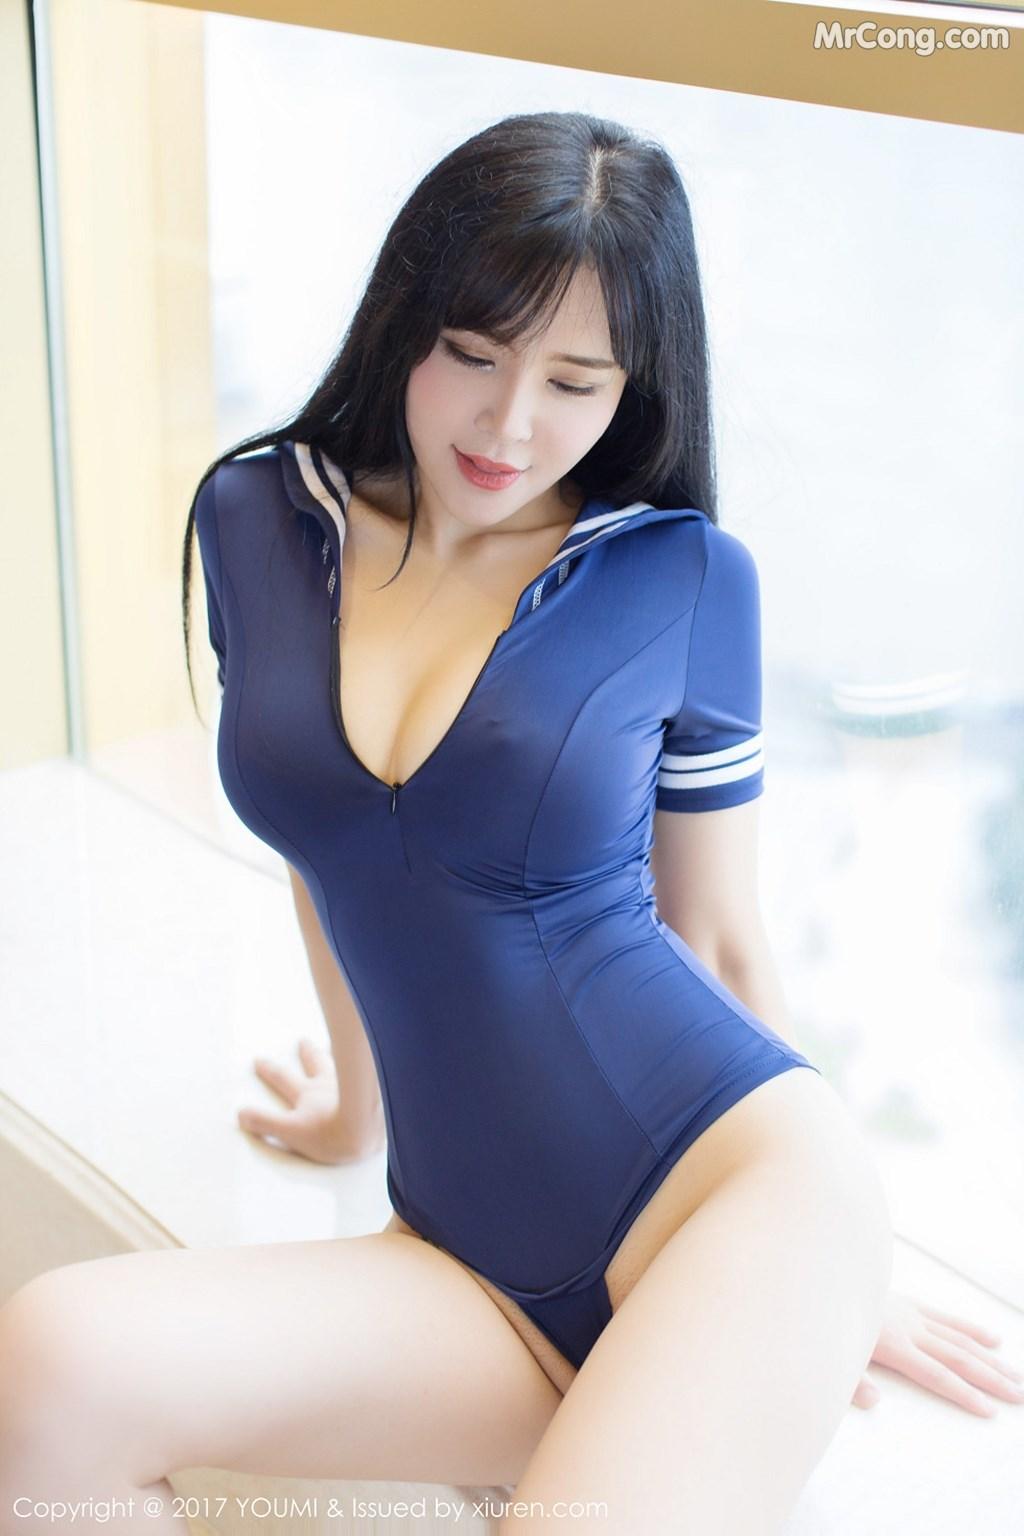 Image YouMi-Vol.070-Liu-Yu-Er-MrCong.com-019 in post YouMi Vol.070: Người mẫu Liu Yu Er (刘钰儿) (45 ảnh)